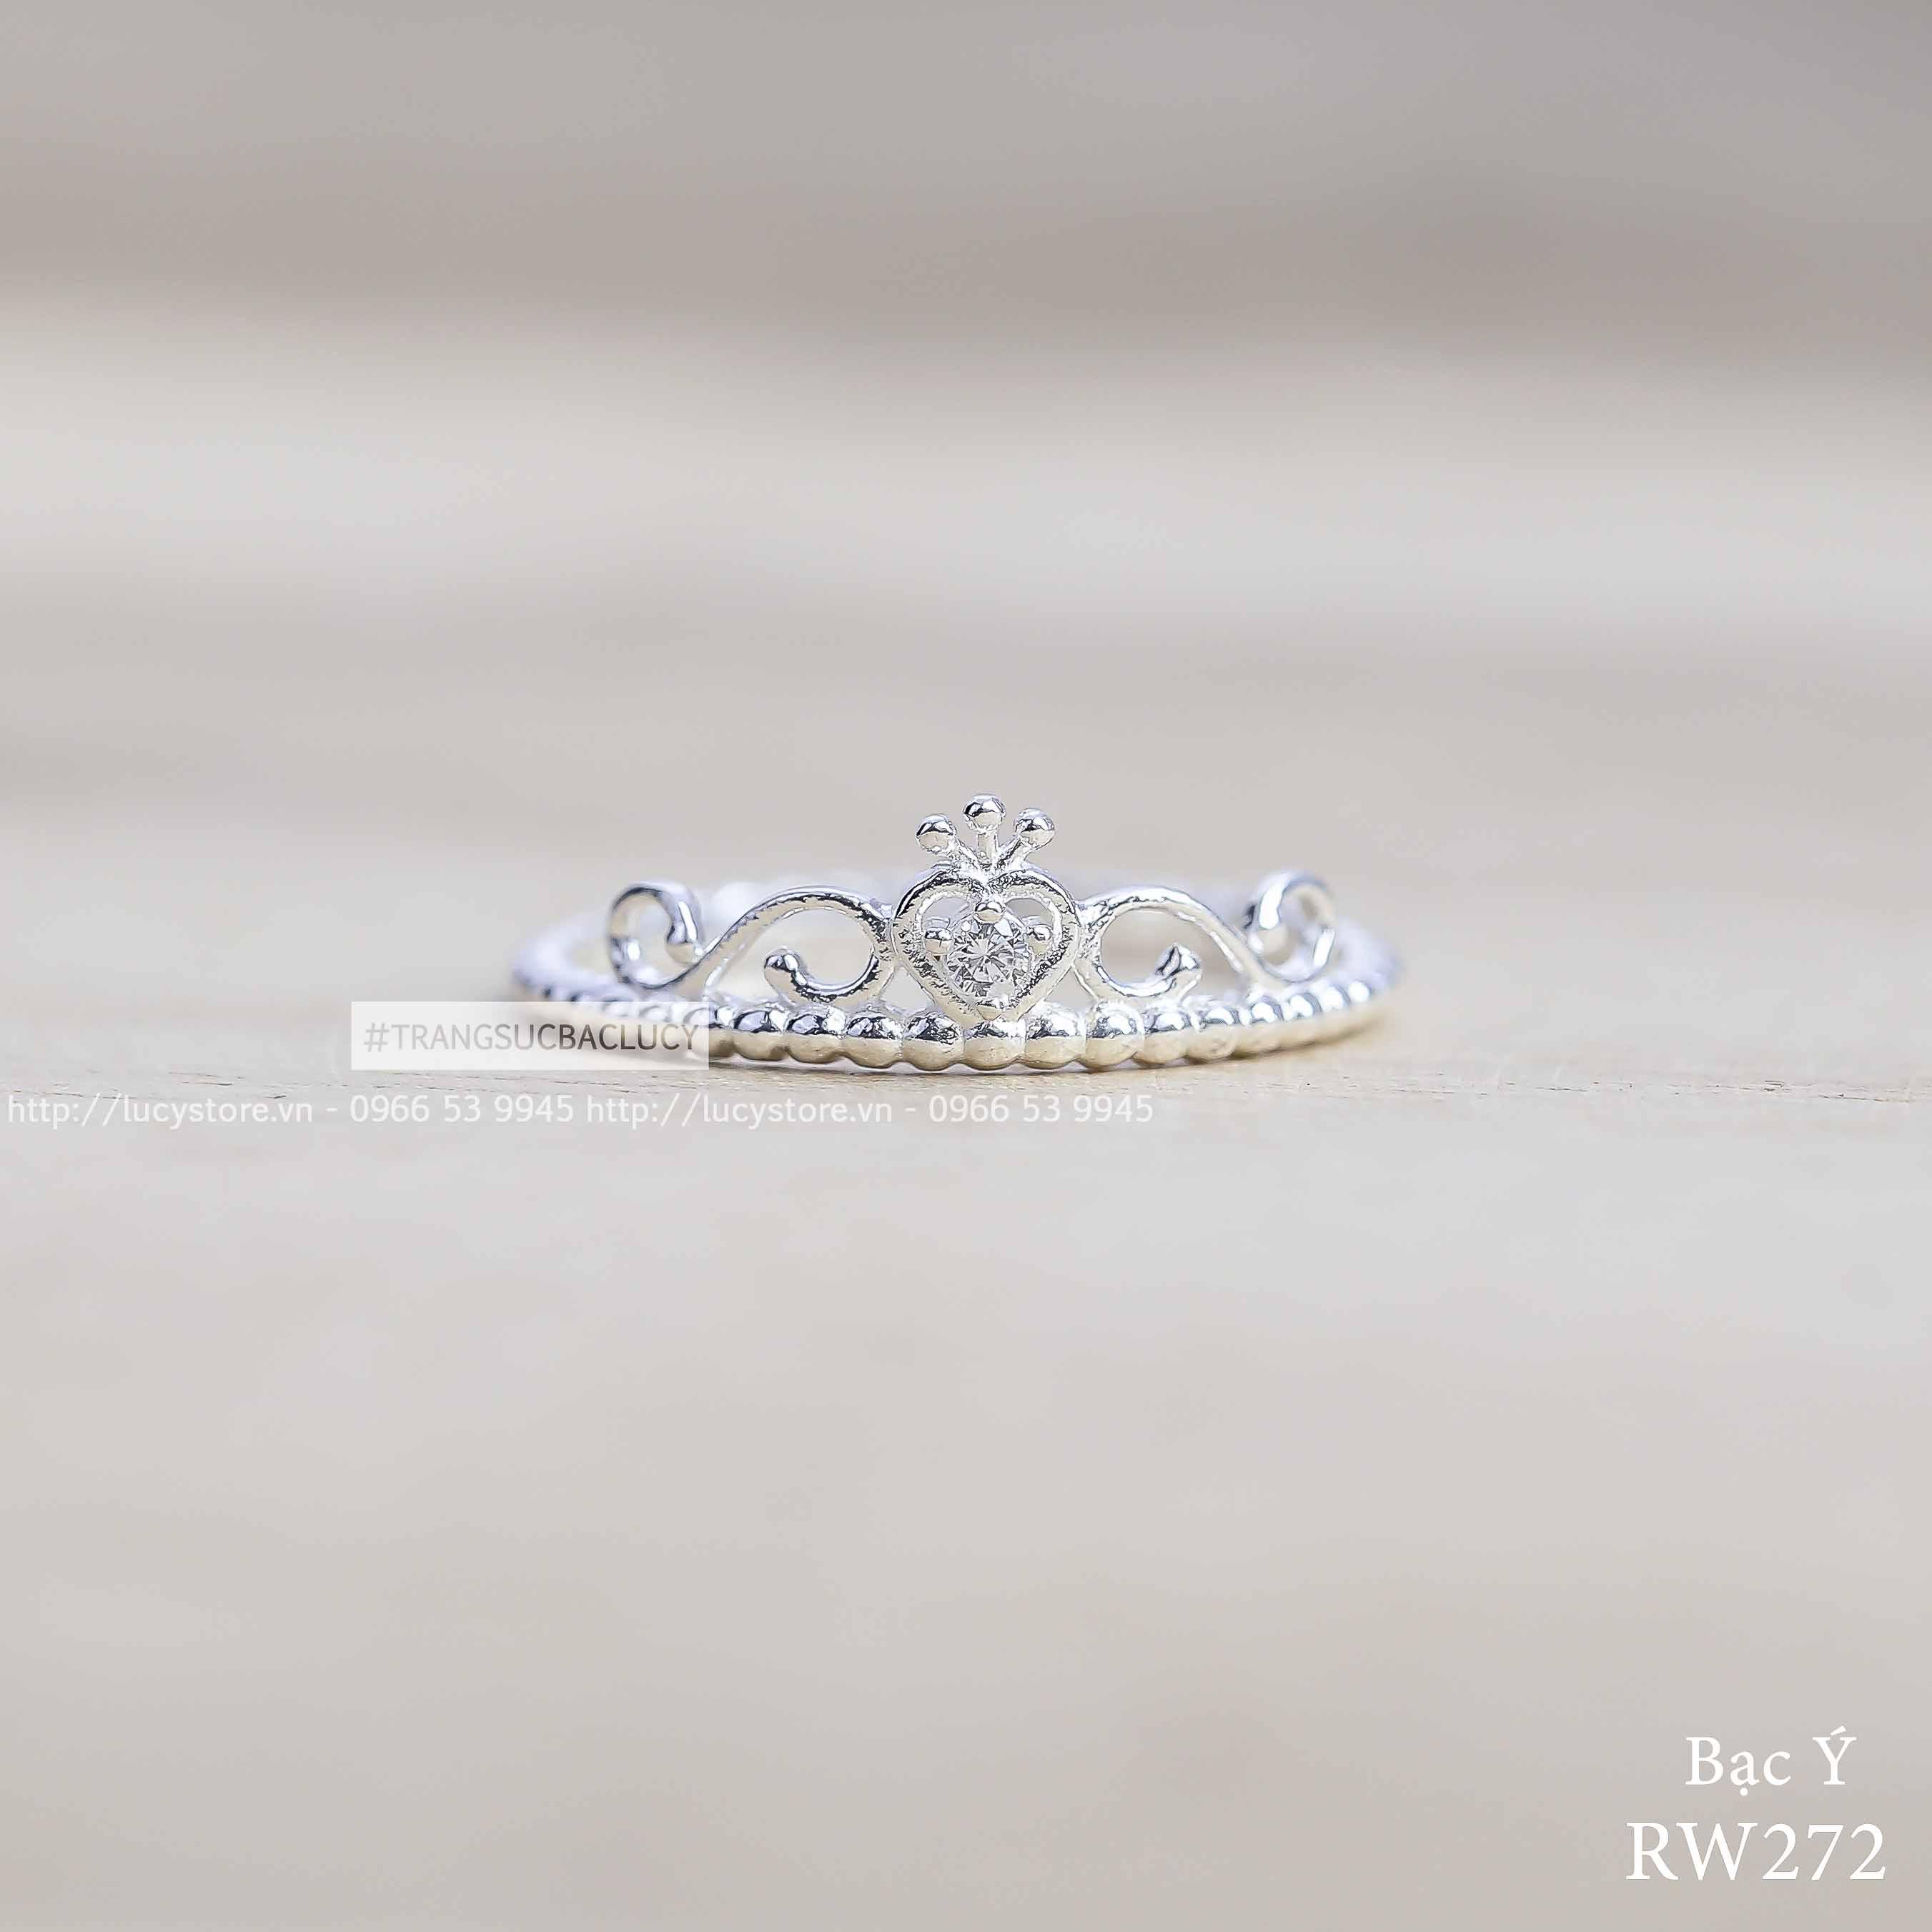 Nhẫn bạc Ý - RW272